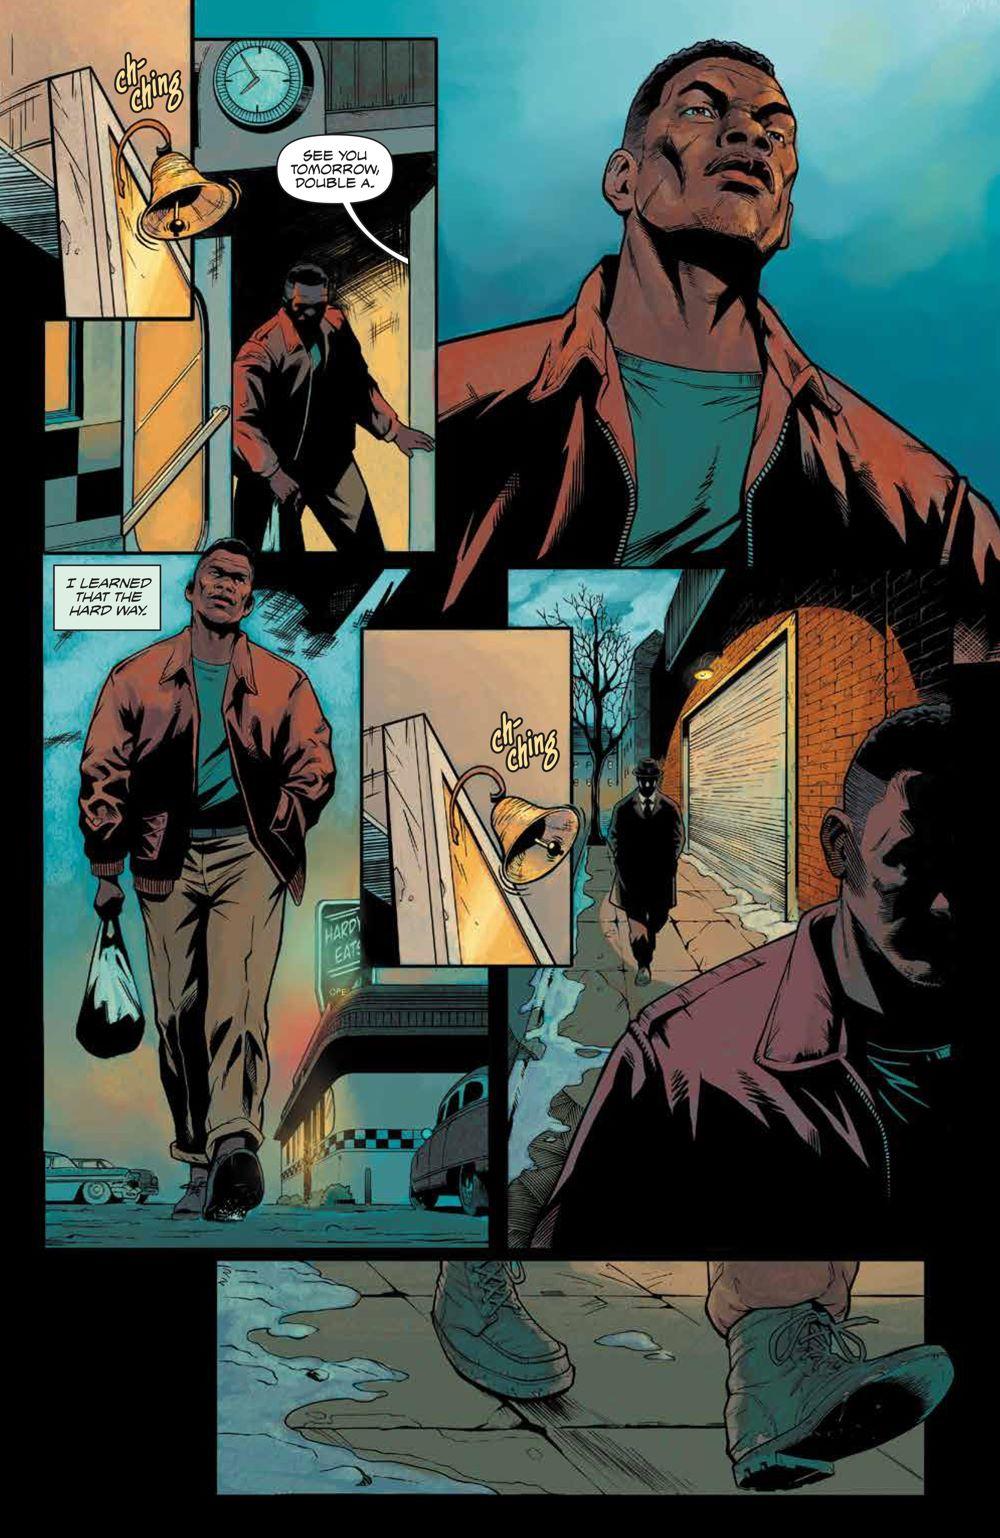 DarkBlood_001_PRESS_4 ComicList Previews: DARK BLOOD #1 (OF 6)